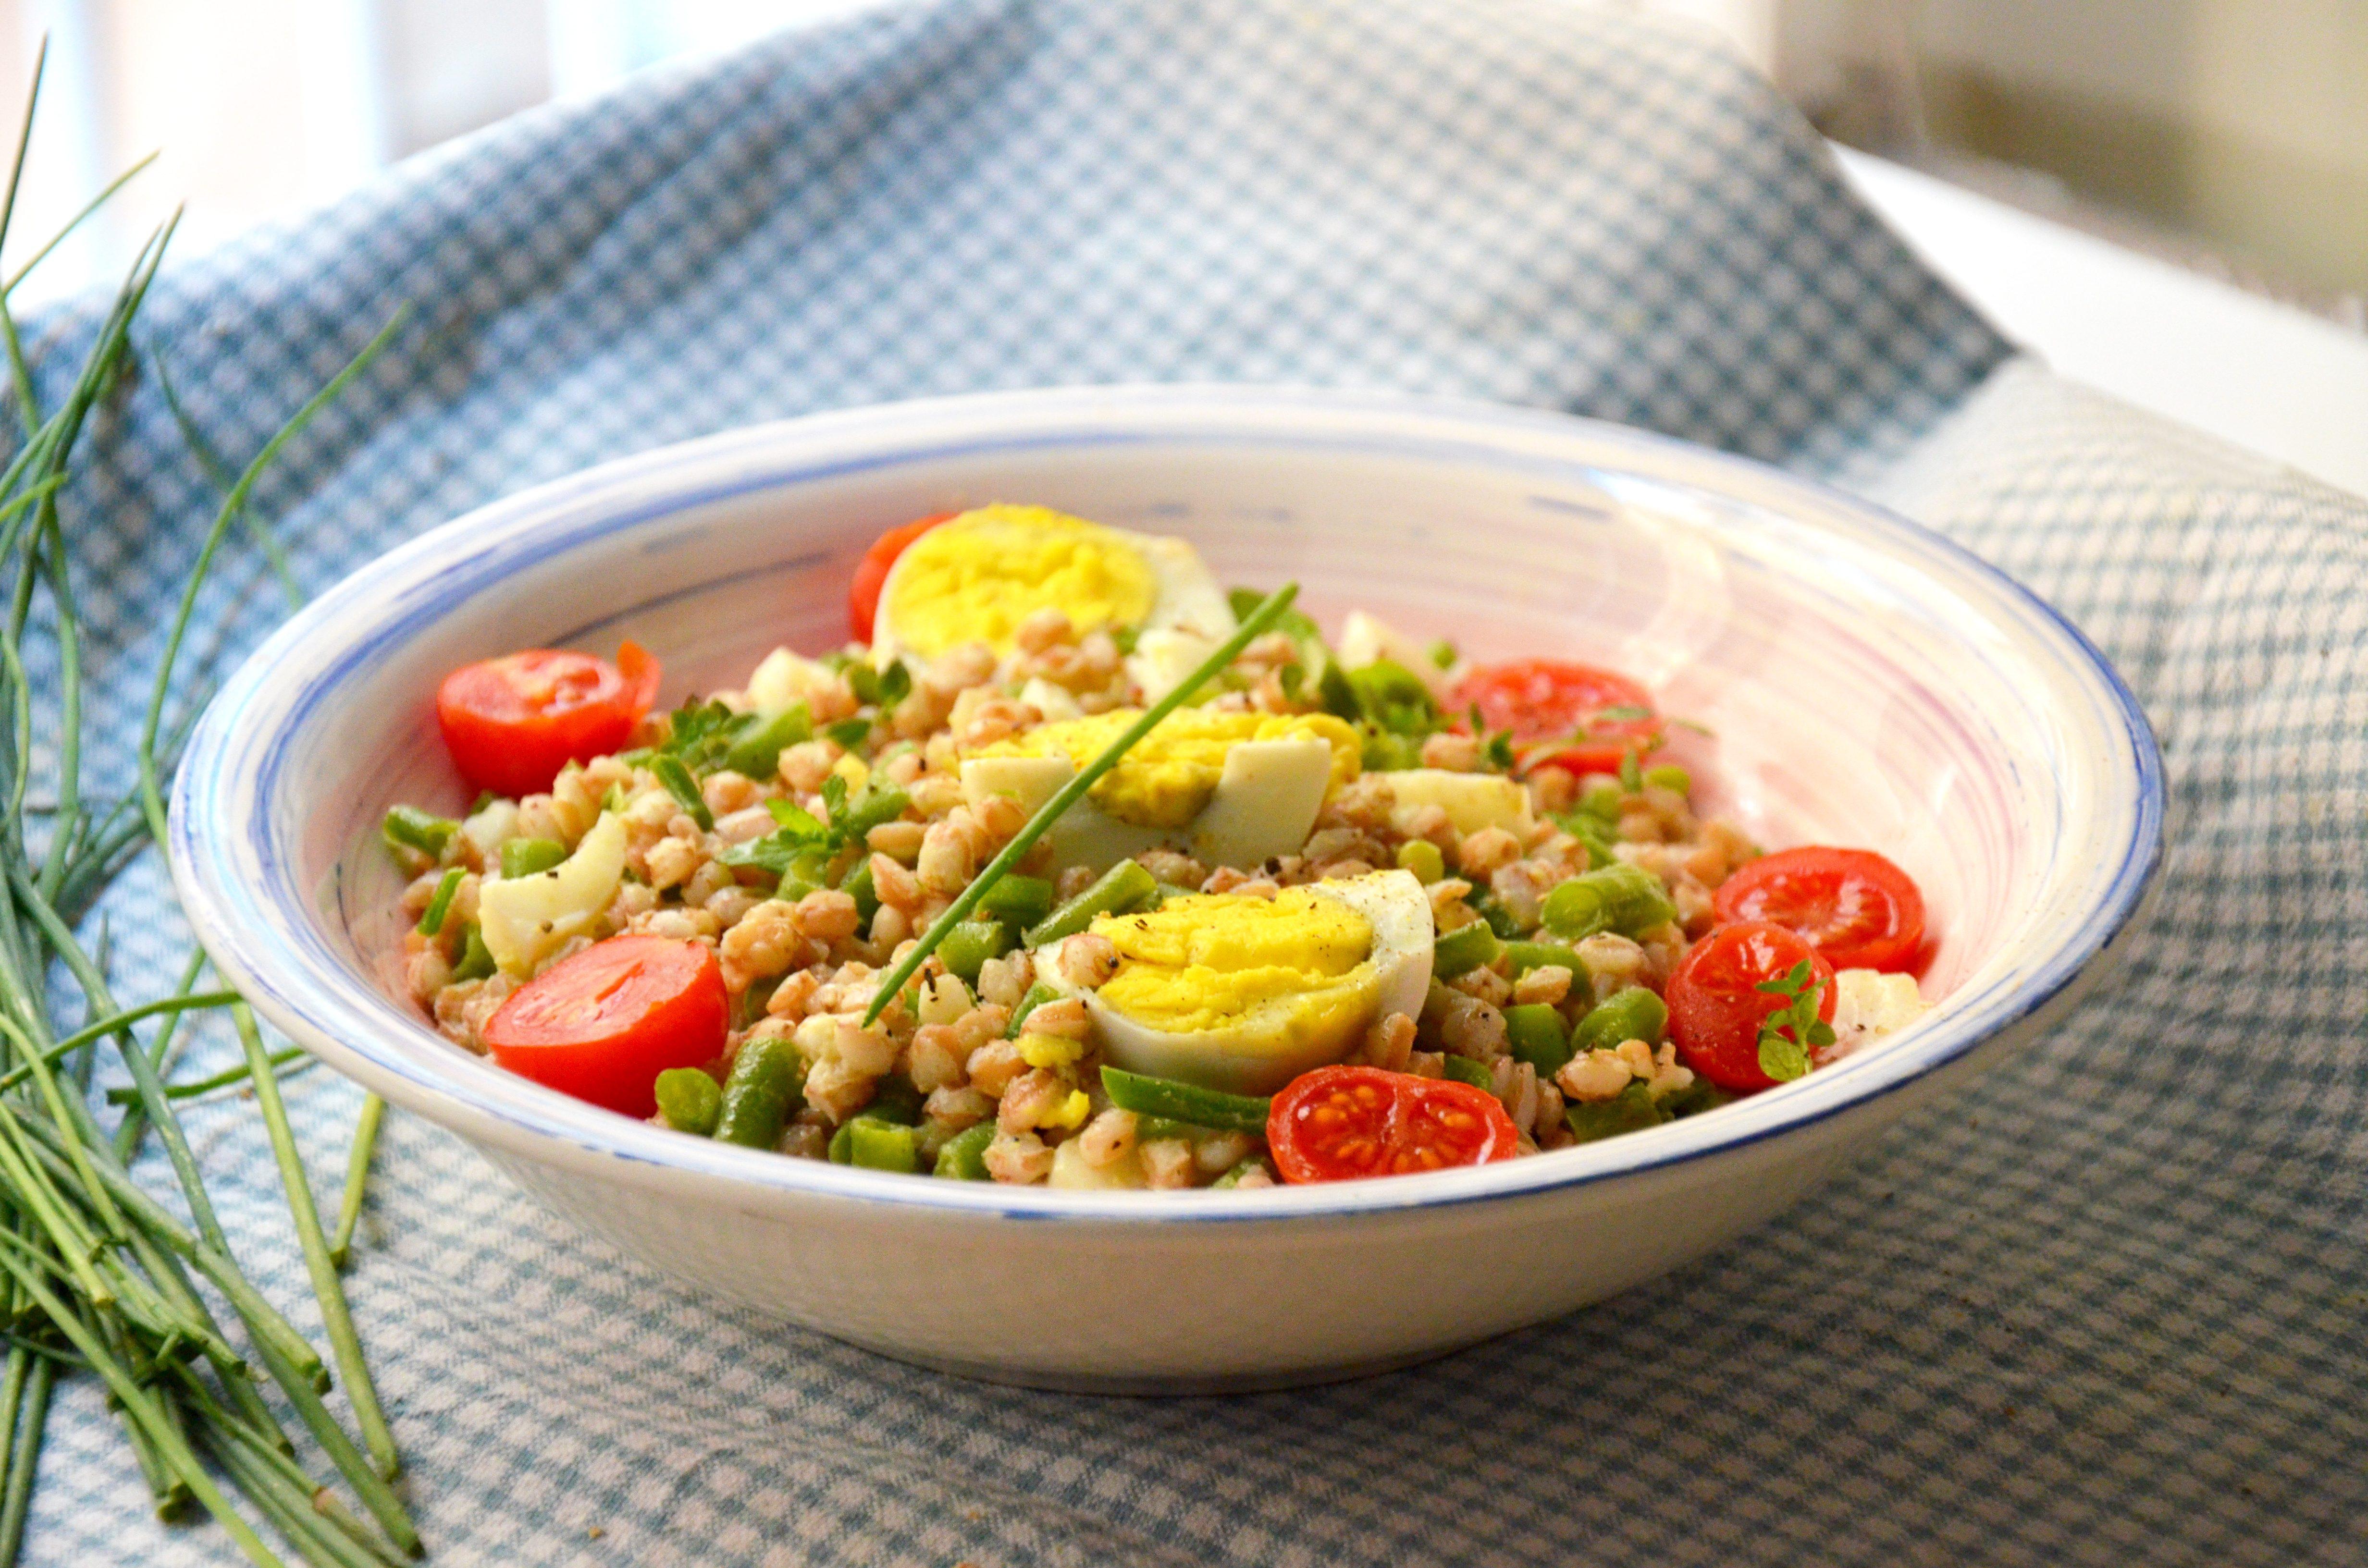 Farro con fagiolini e uova: la ricetta del piatto unico nutriente e gustoso